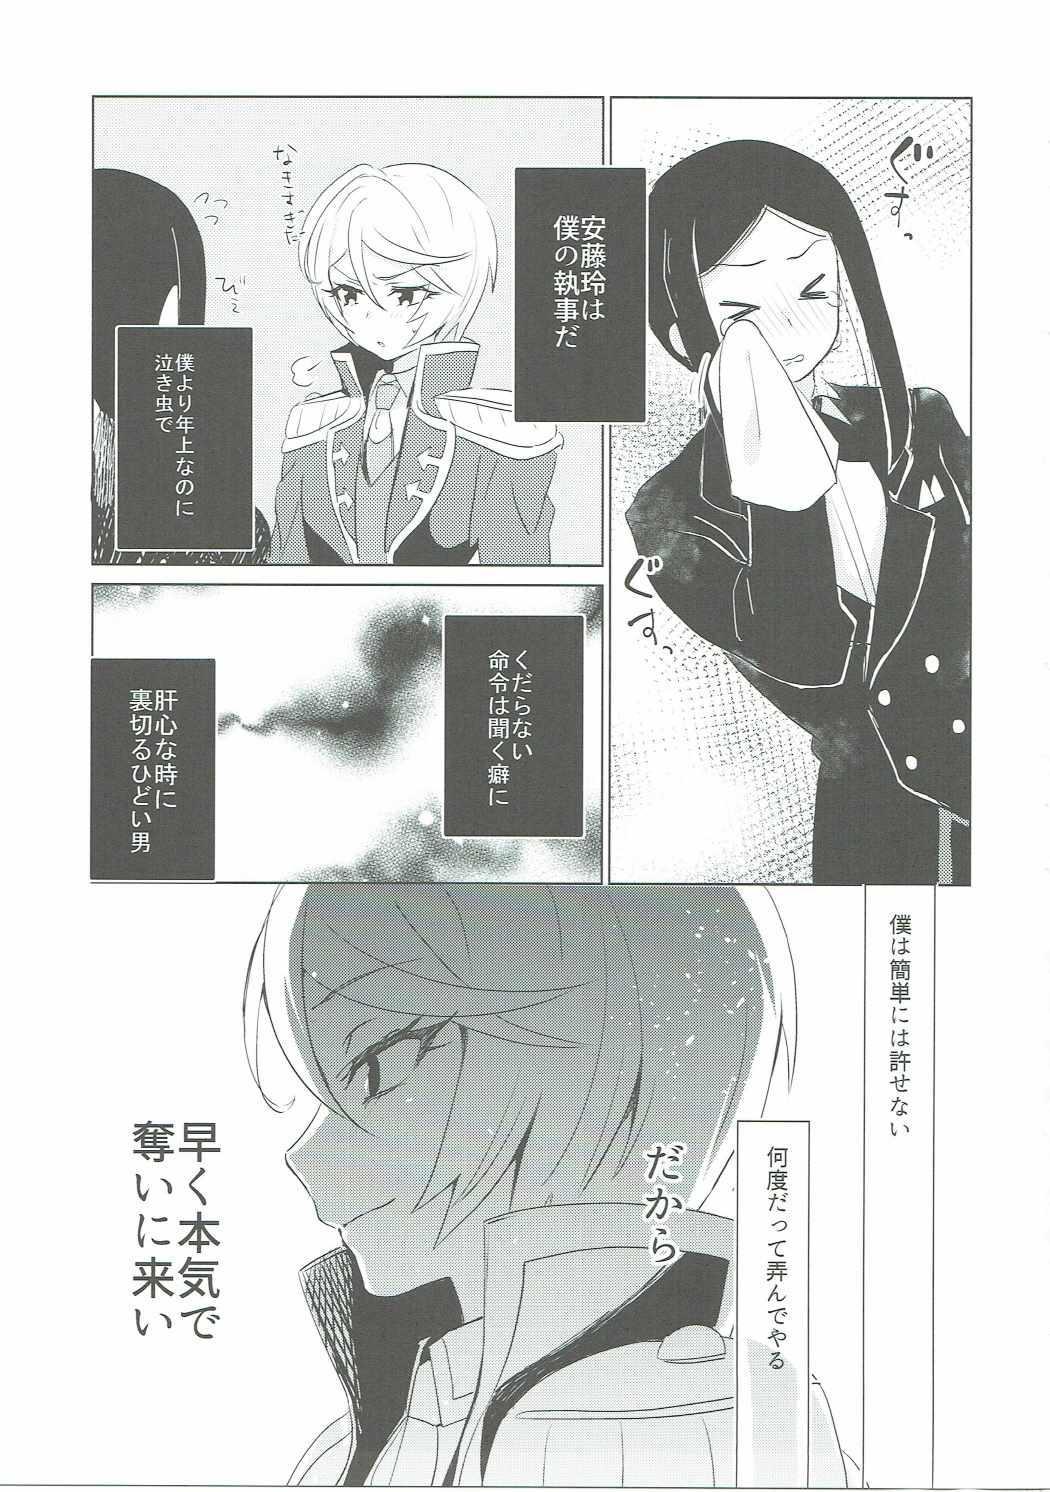 Soshitara Zenbu Yurushite Yaru 31